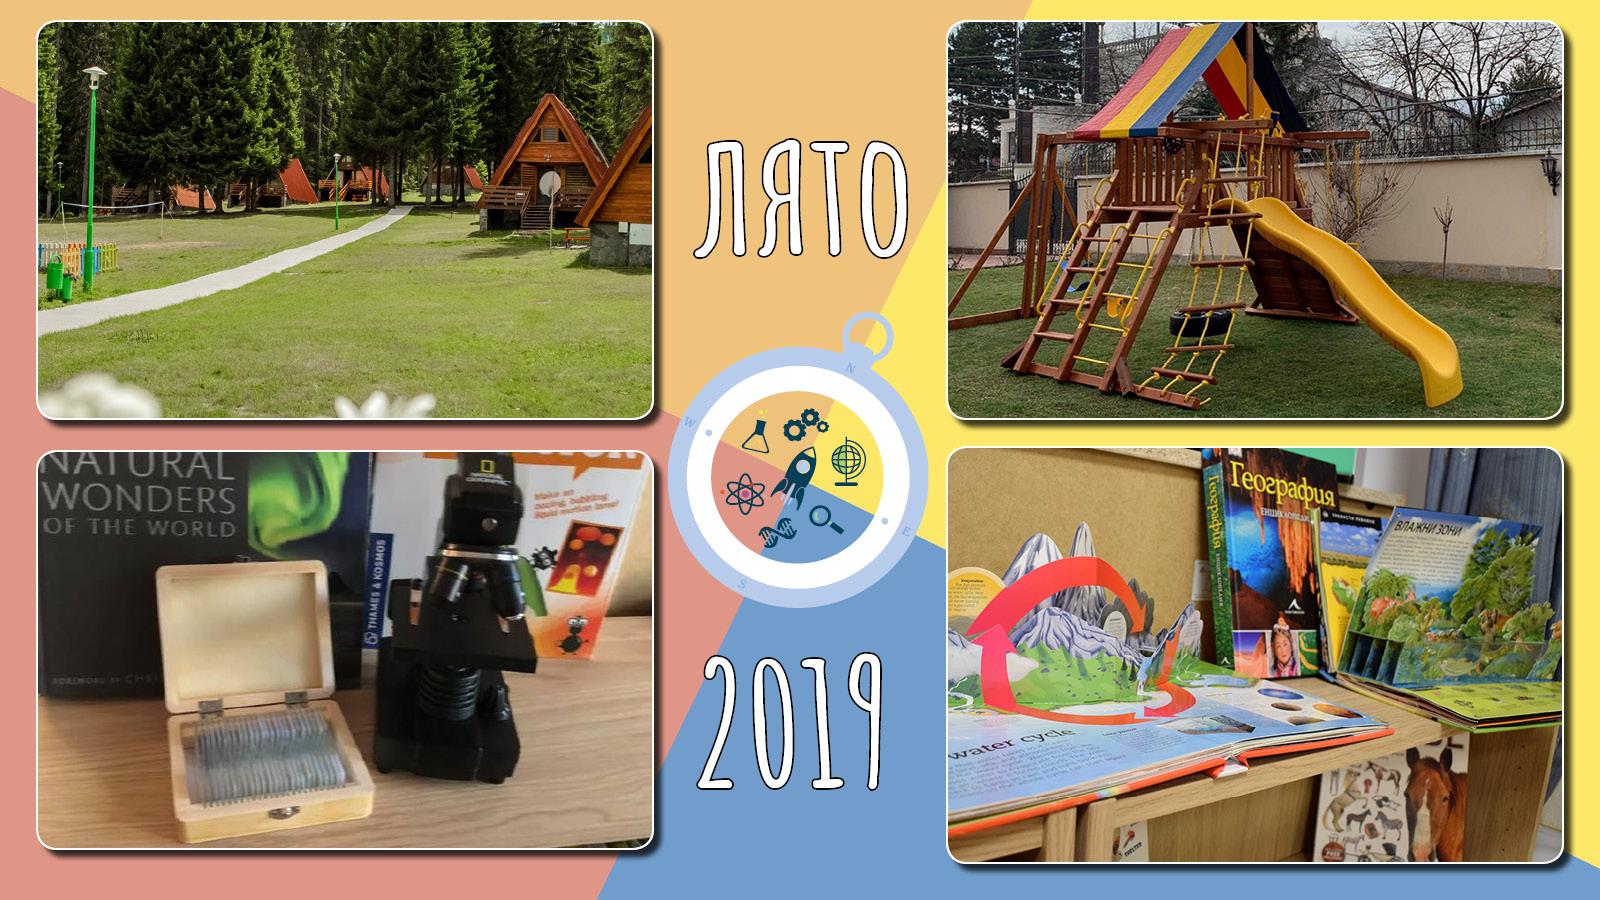 Izzi Science for Kids организира летни програми за деца с много наука и забавление